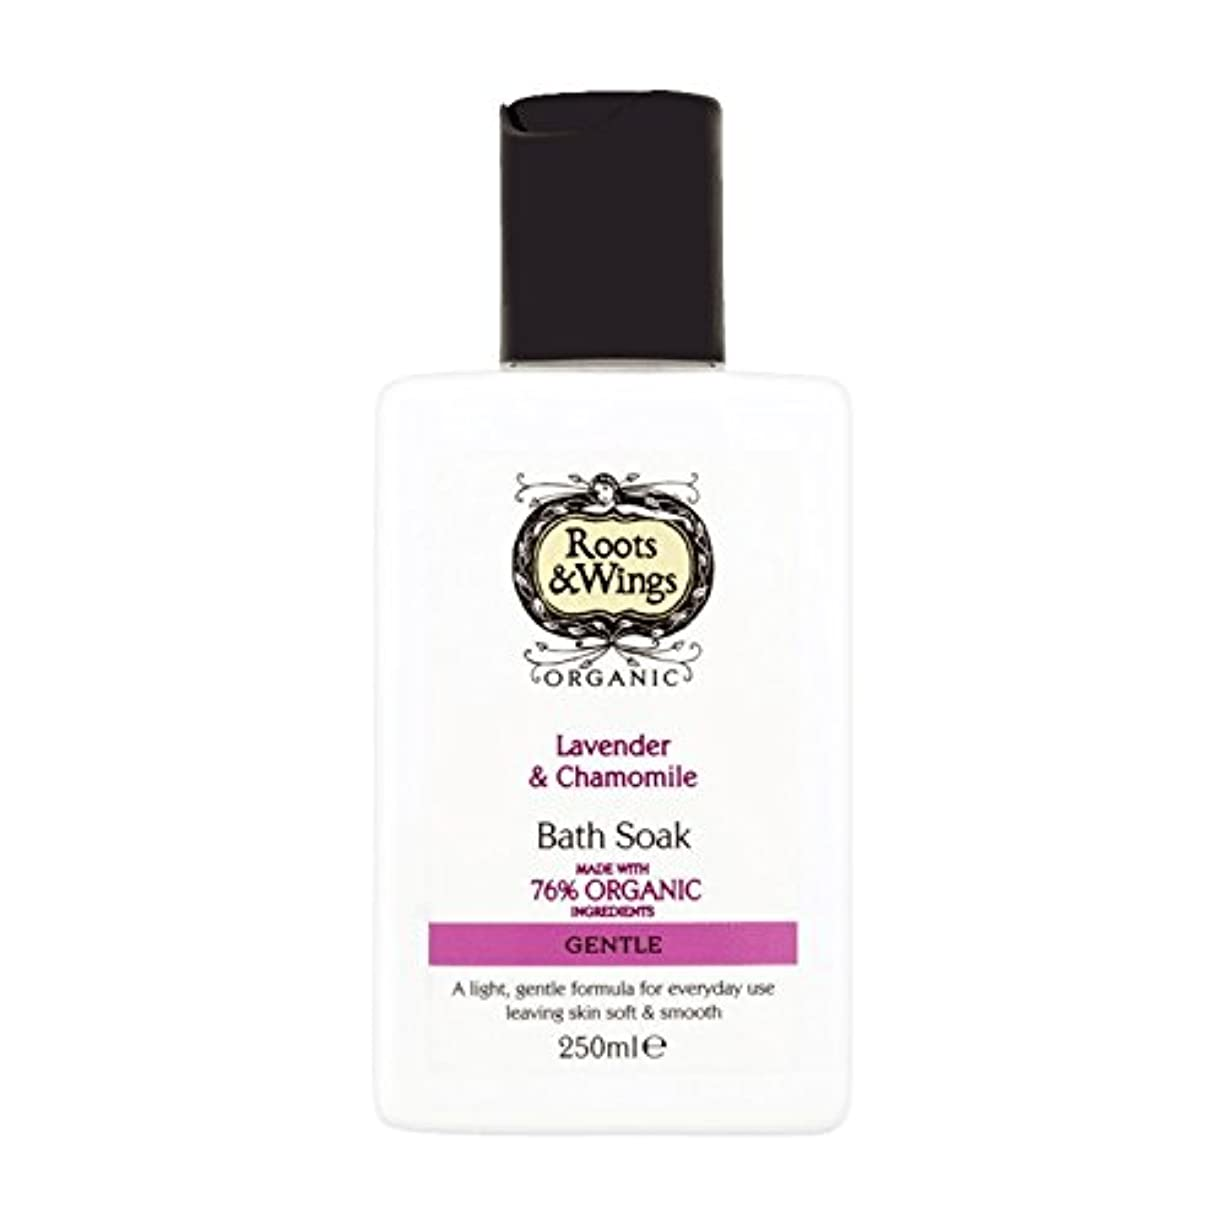 祝福する裏切り者抗生物質Roots & Wings Bath Soak Lavender & Chamomile 250ml (Pack of 2) - ルーツ&翼はバスラベンダー&カモミール250ミリリットルを浸します (x2) [並行輸入品]